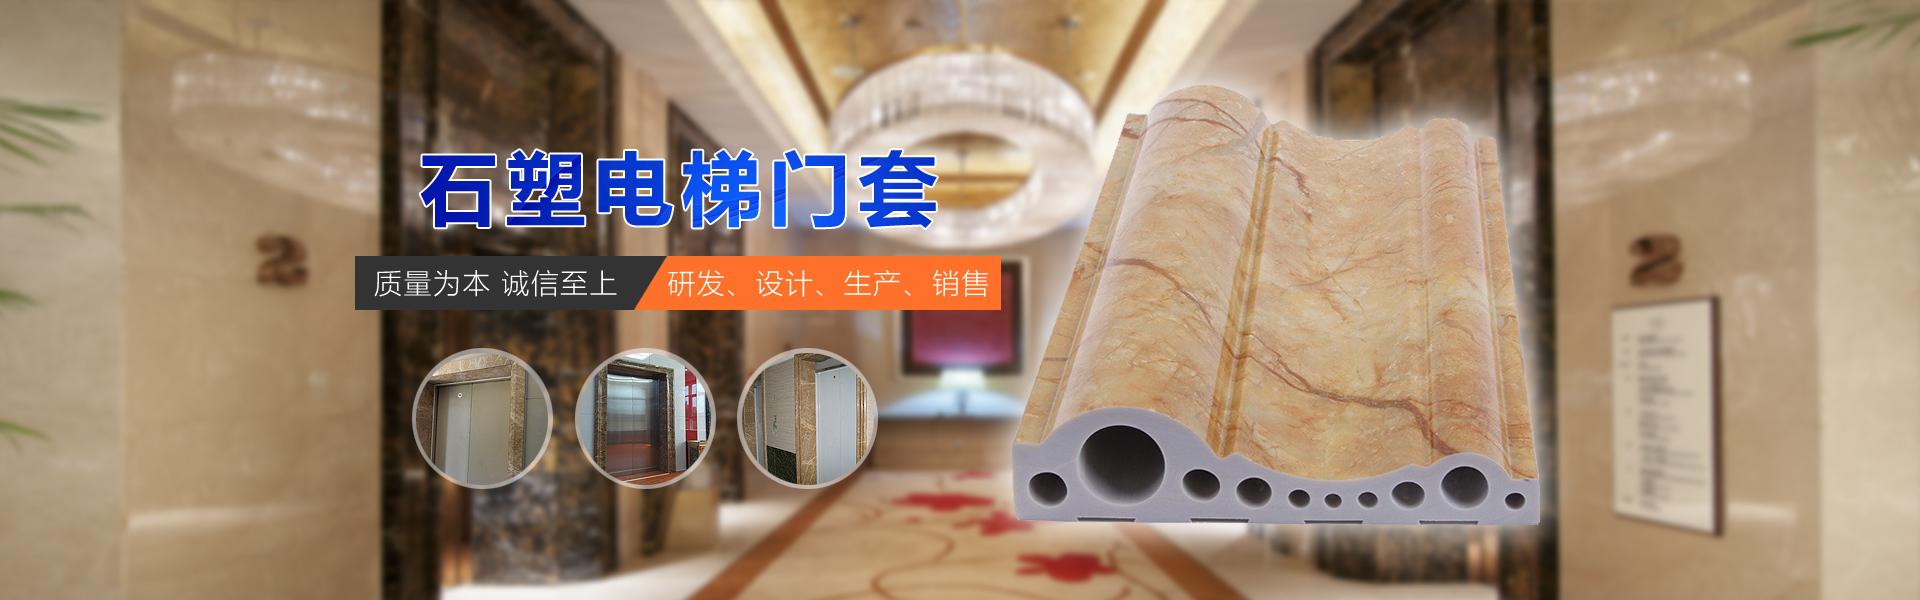 山东兴建新型建材有限公司